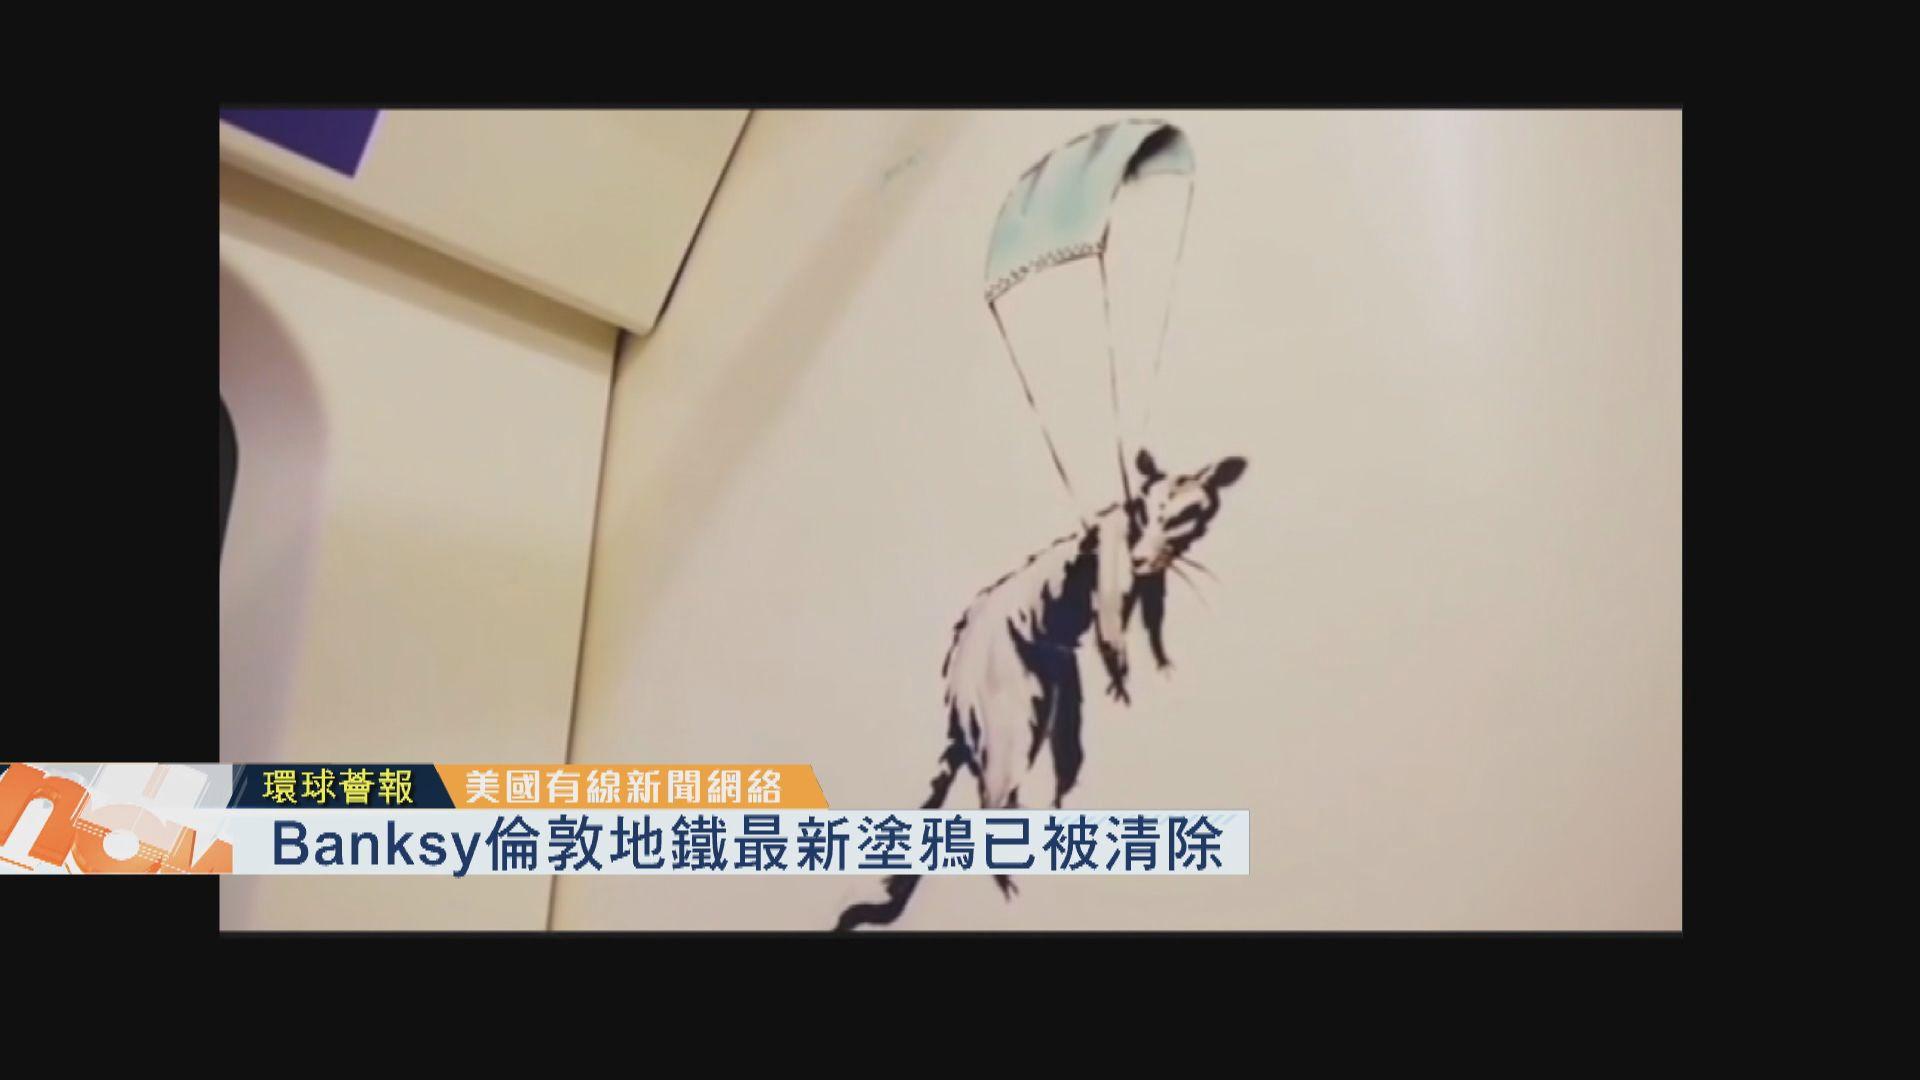 【環球薈報】Banksy倫敦地鐵最新塗鴉已被清除